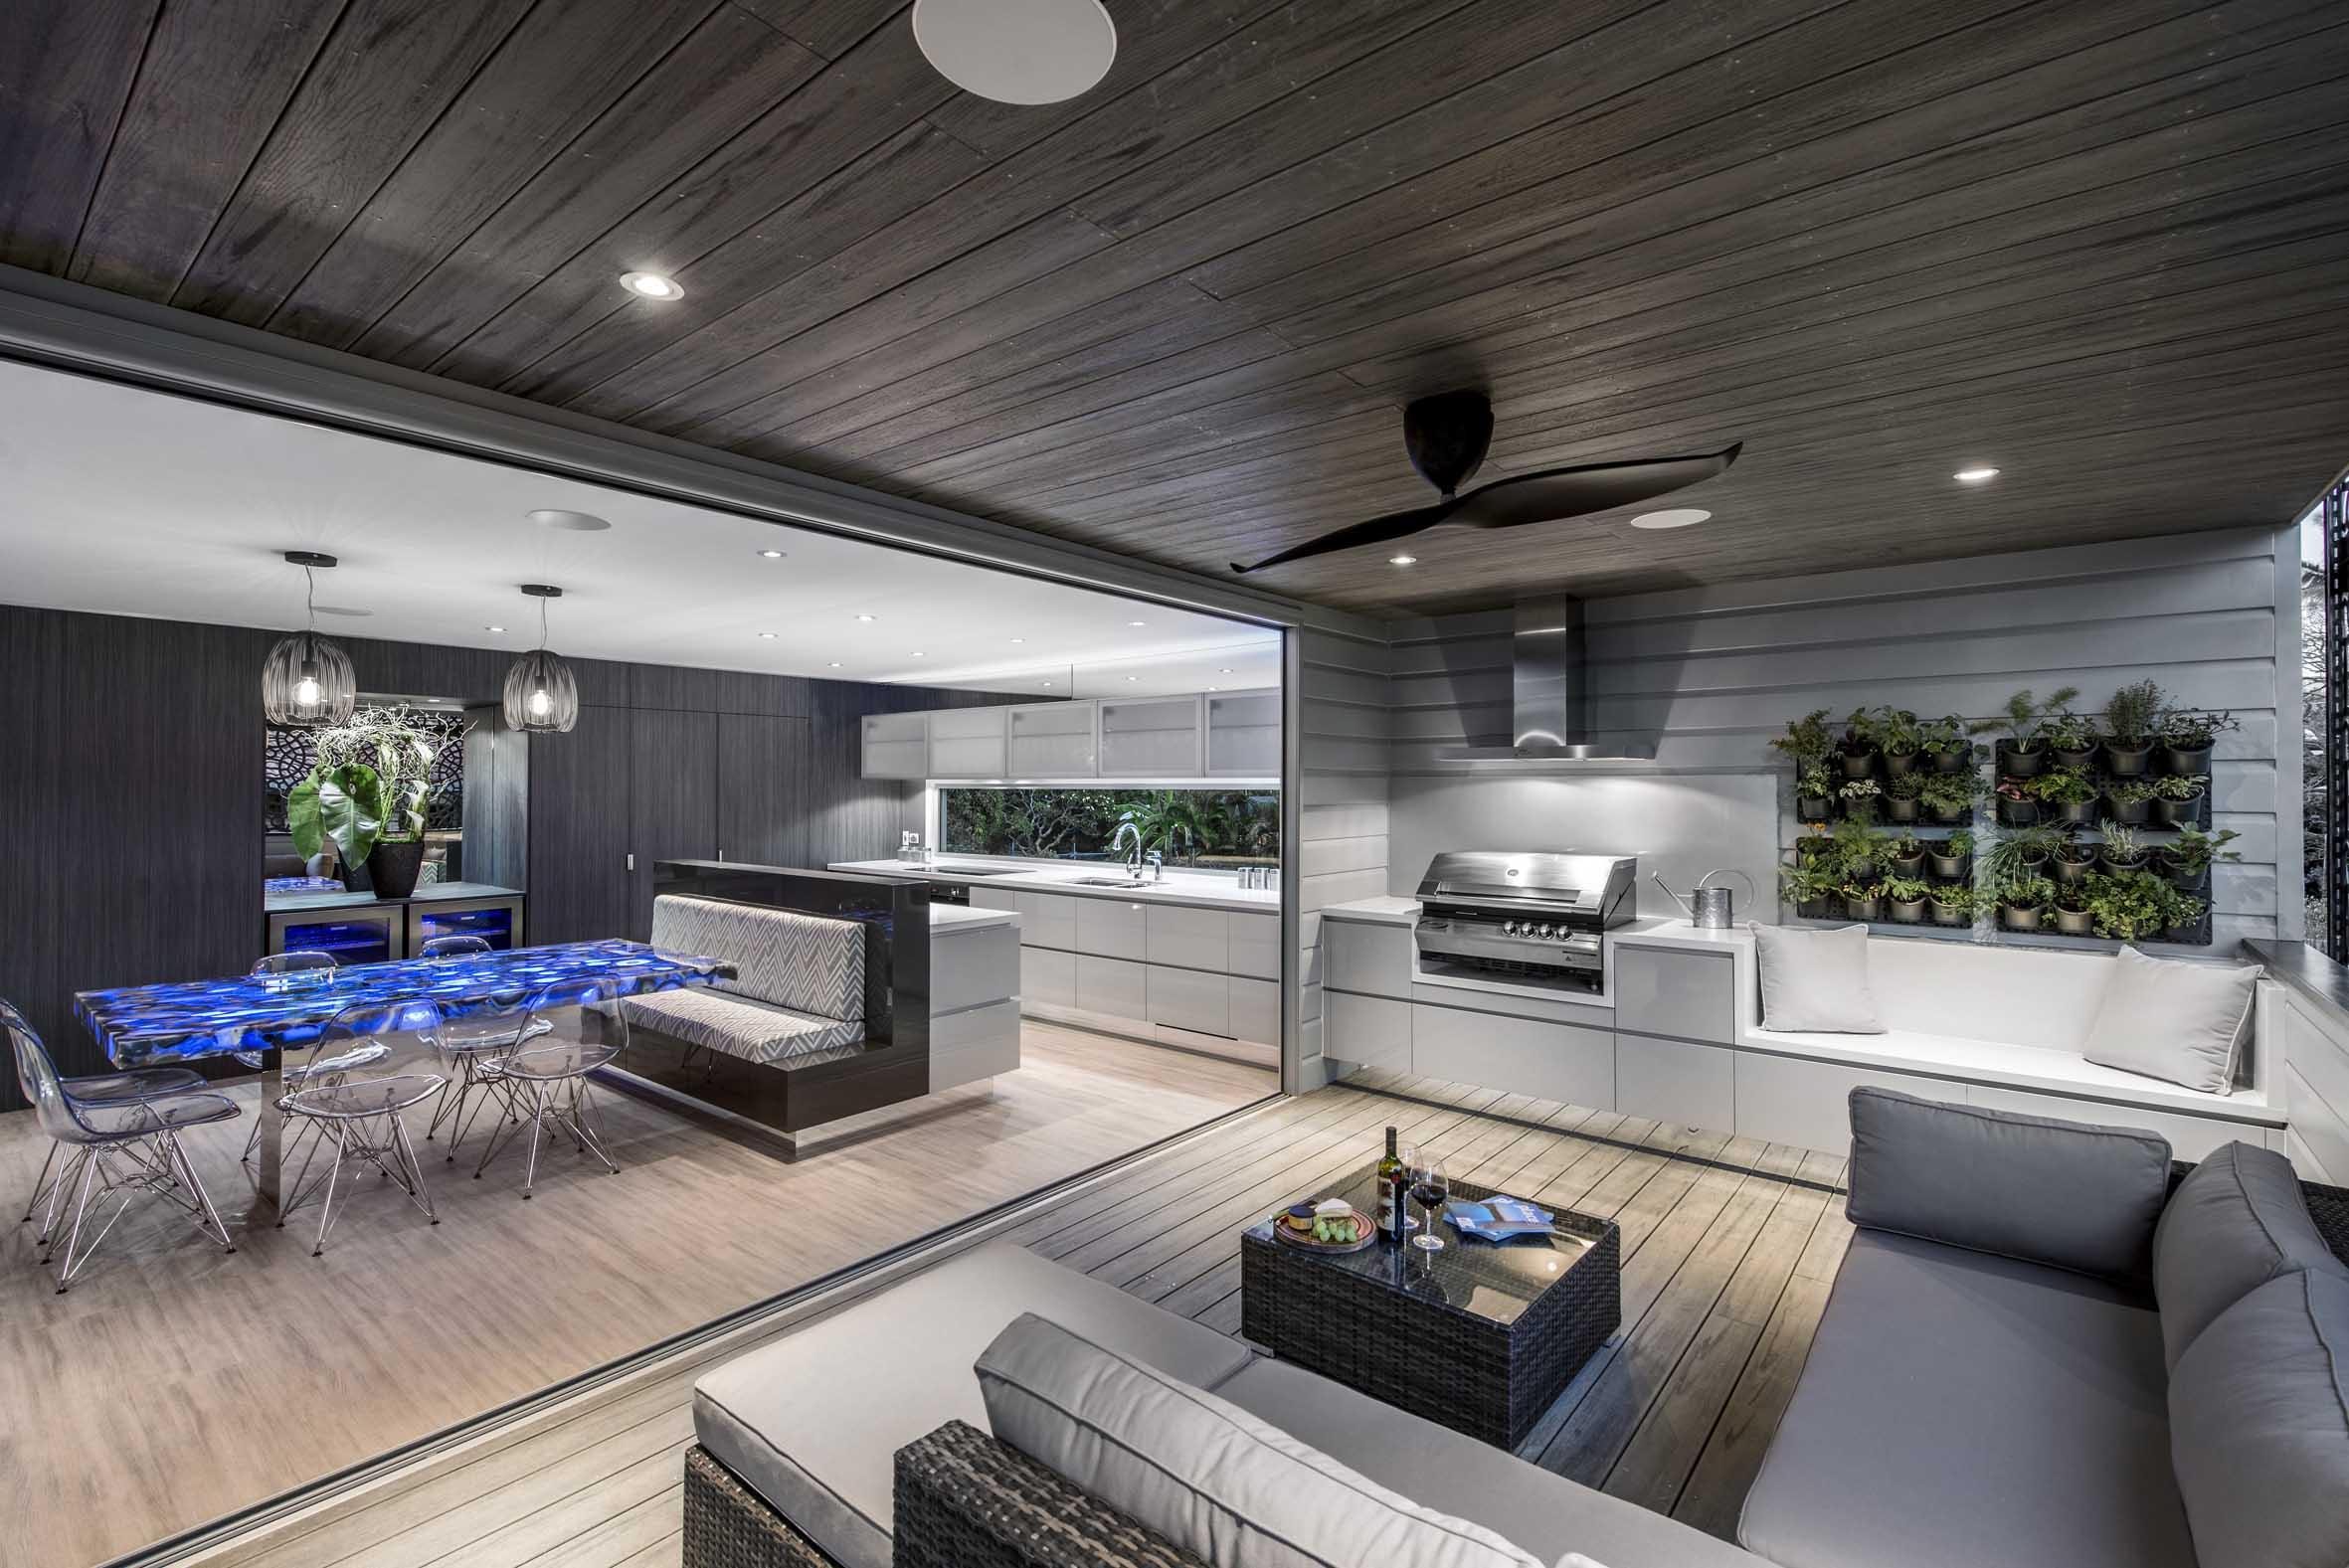 Australian designer wins international design award the for Interior design awards uk